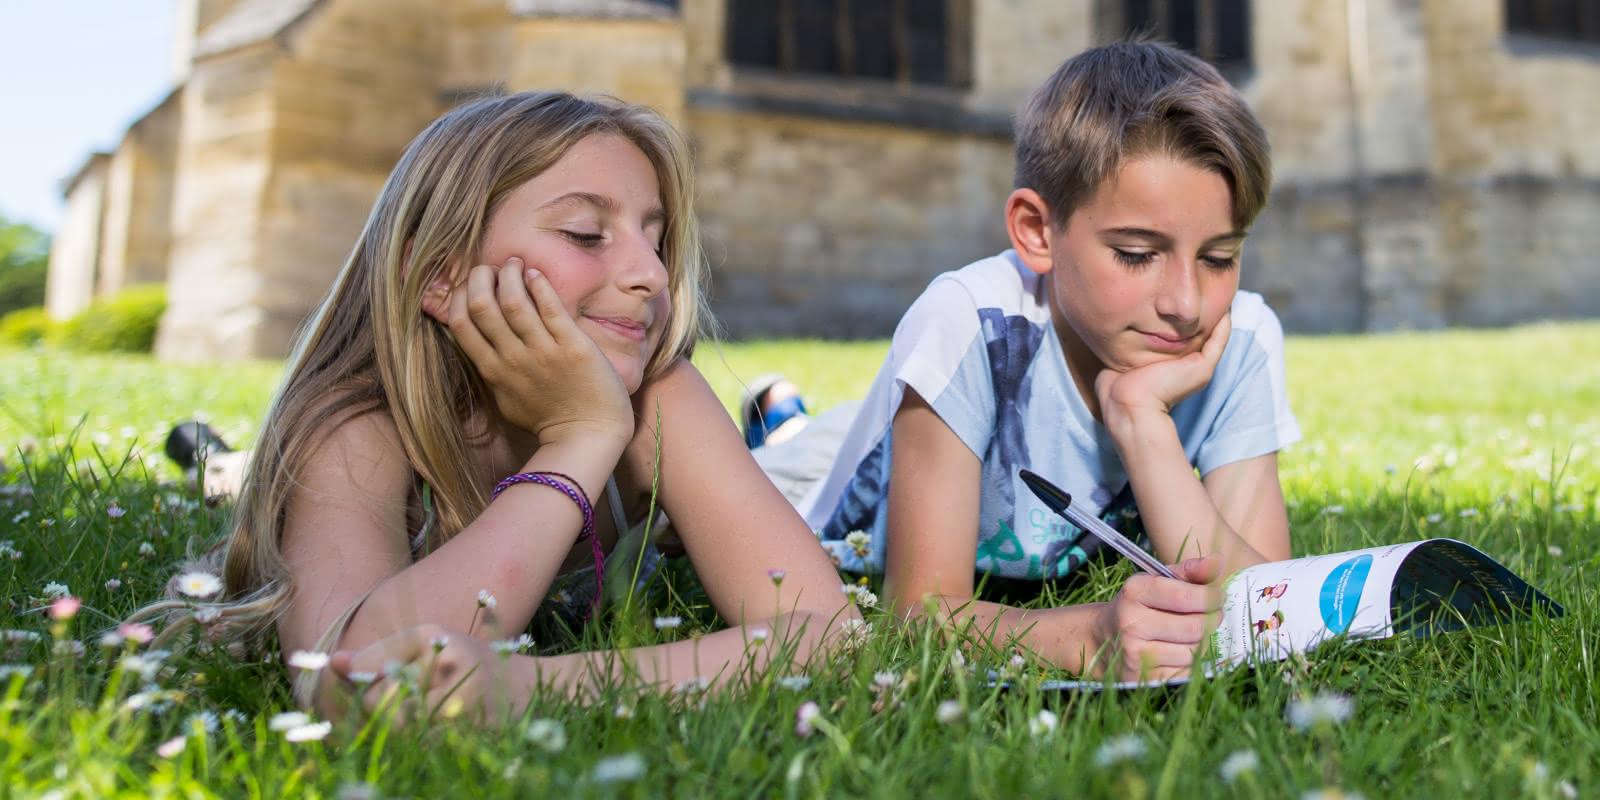 Photo de deux enfants dessinant sur un carnet de visite allongés dans l'herbe devant l'église d'Auvers sur Oise dans le Val d'Oise